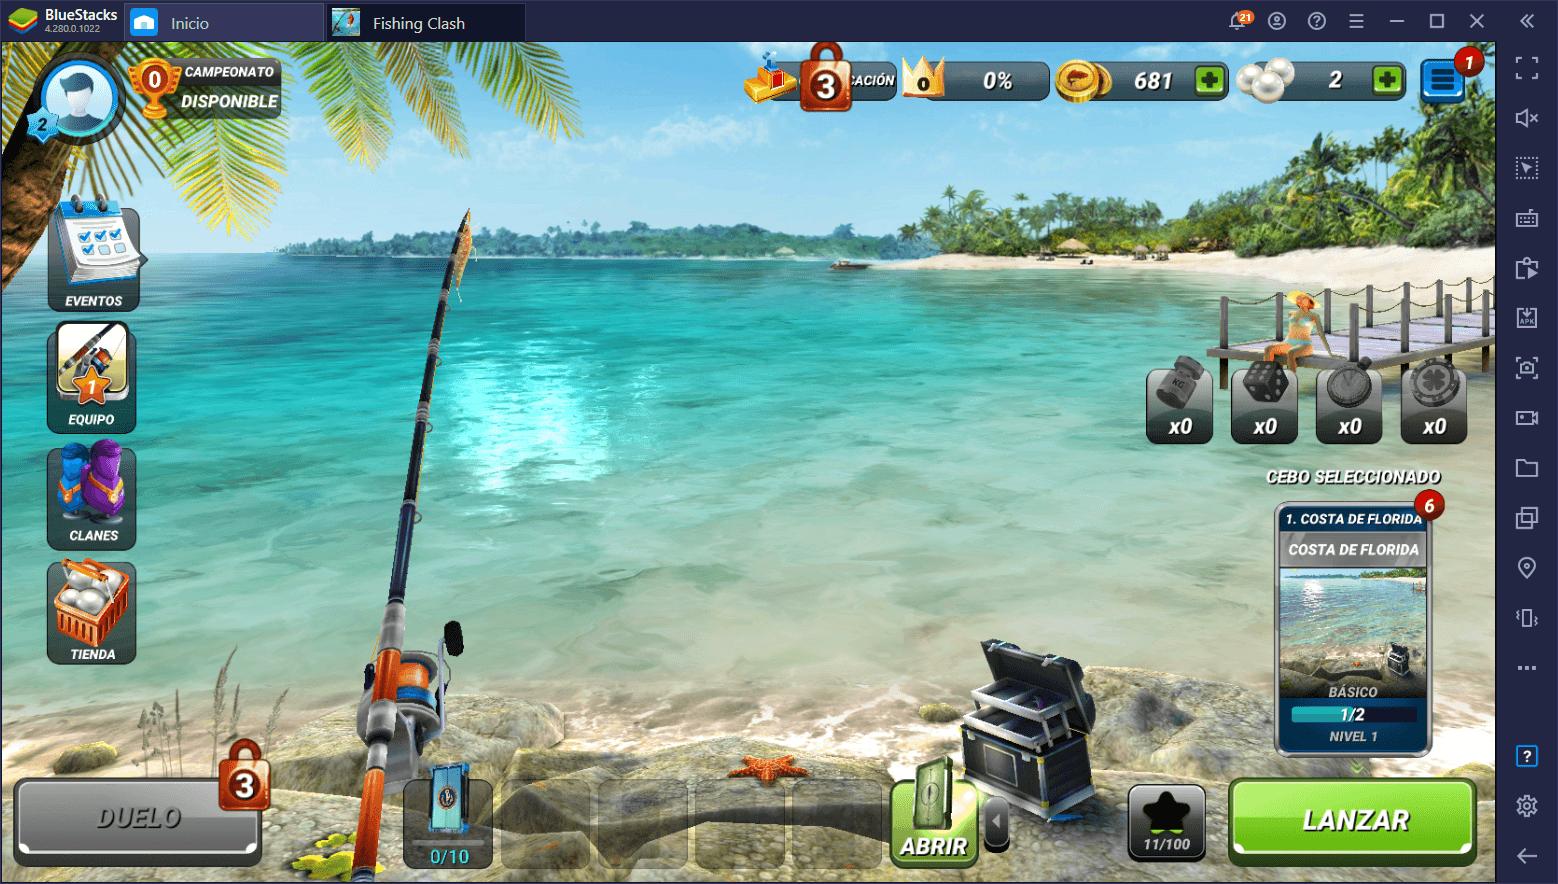 Trucos y Consejos Para Fishing Clash – Conviértete en el Mejor Pescador